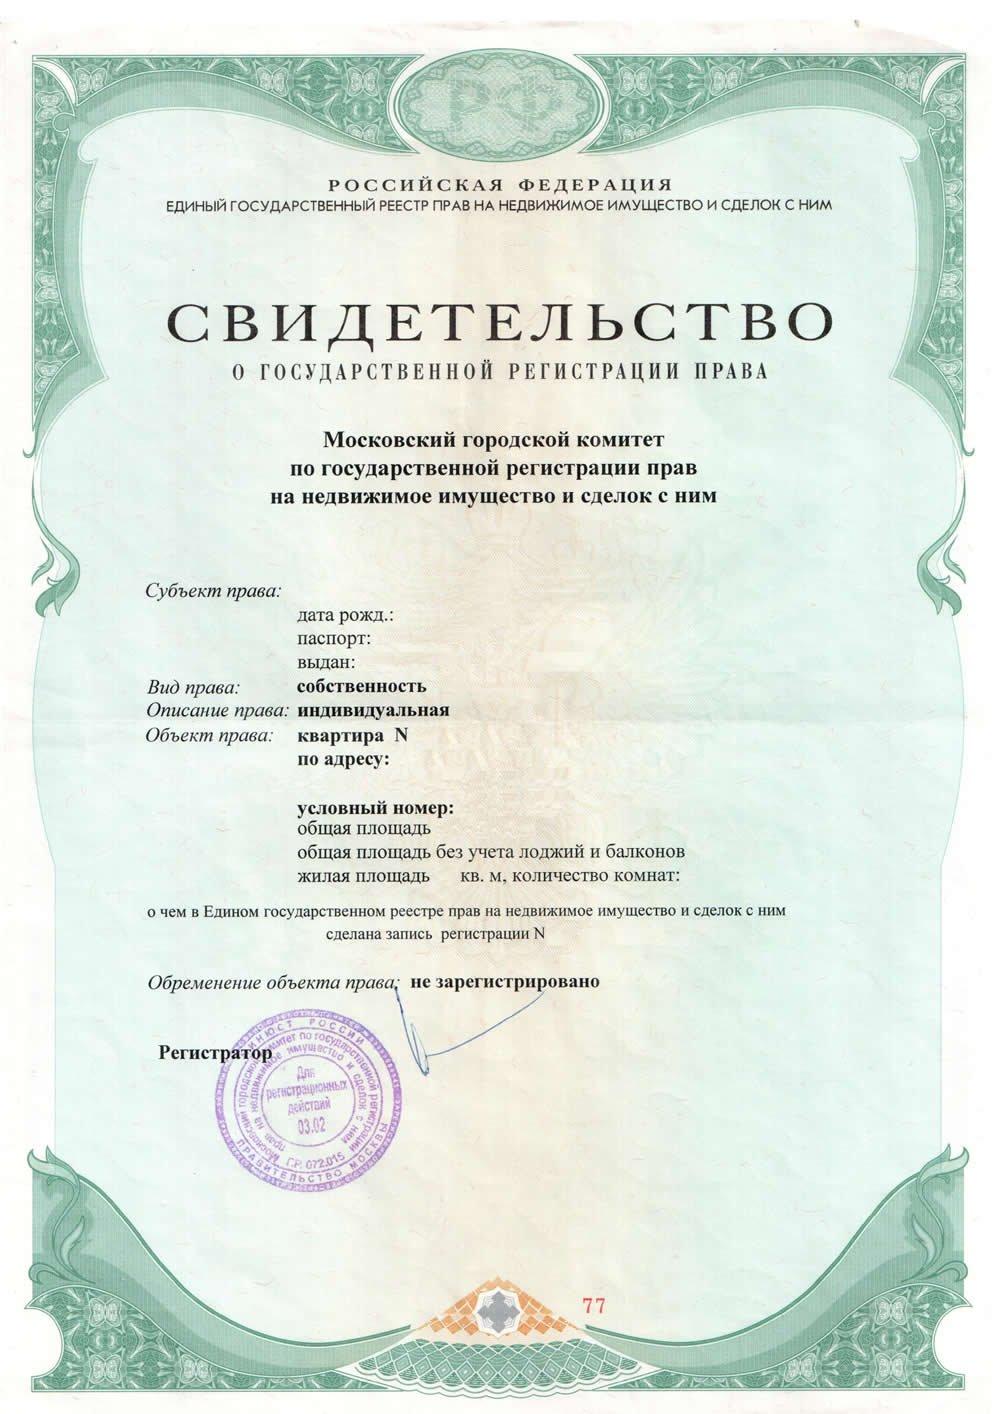 ст. 18 п.4 о государственной регистрации прав на недвижимое имущество Серанис